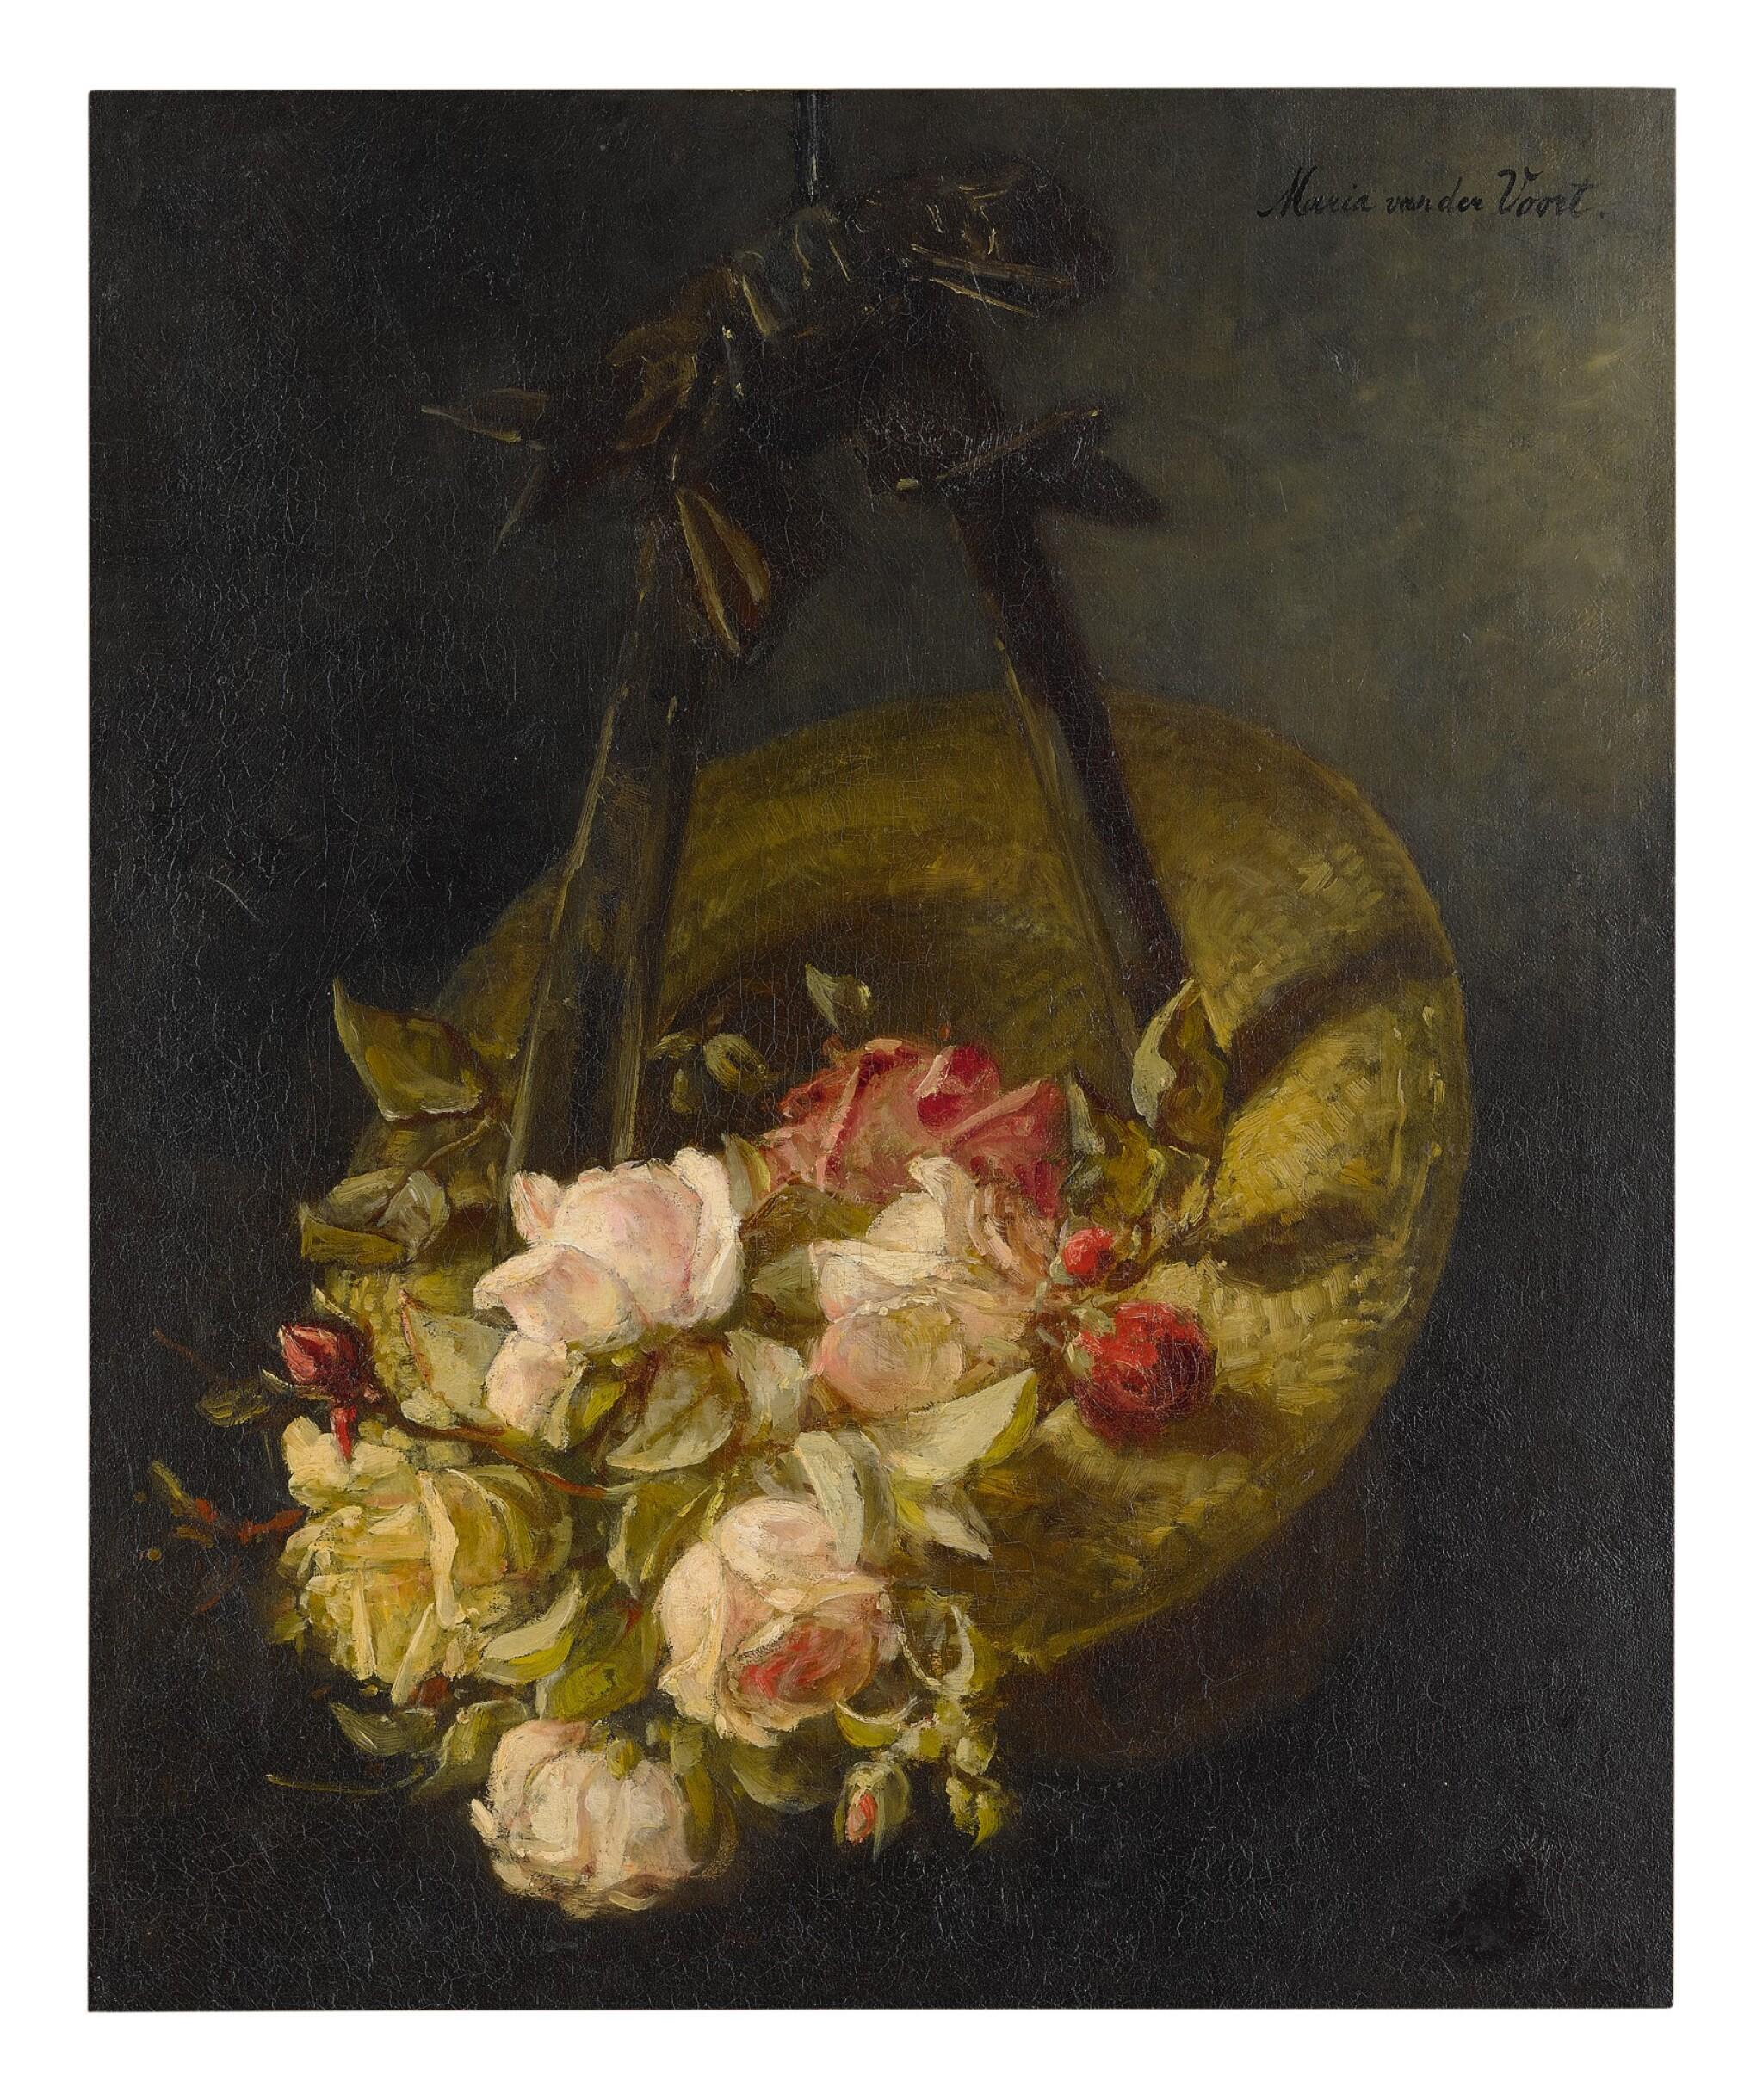 MARIA VAN DER VOORT IN DE BETOUW-NOURNEY | STILL LIFE OF FLOWERS IN A BONNET